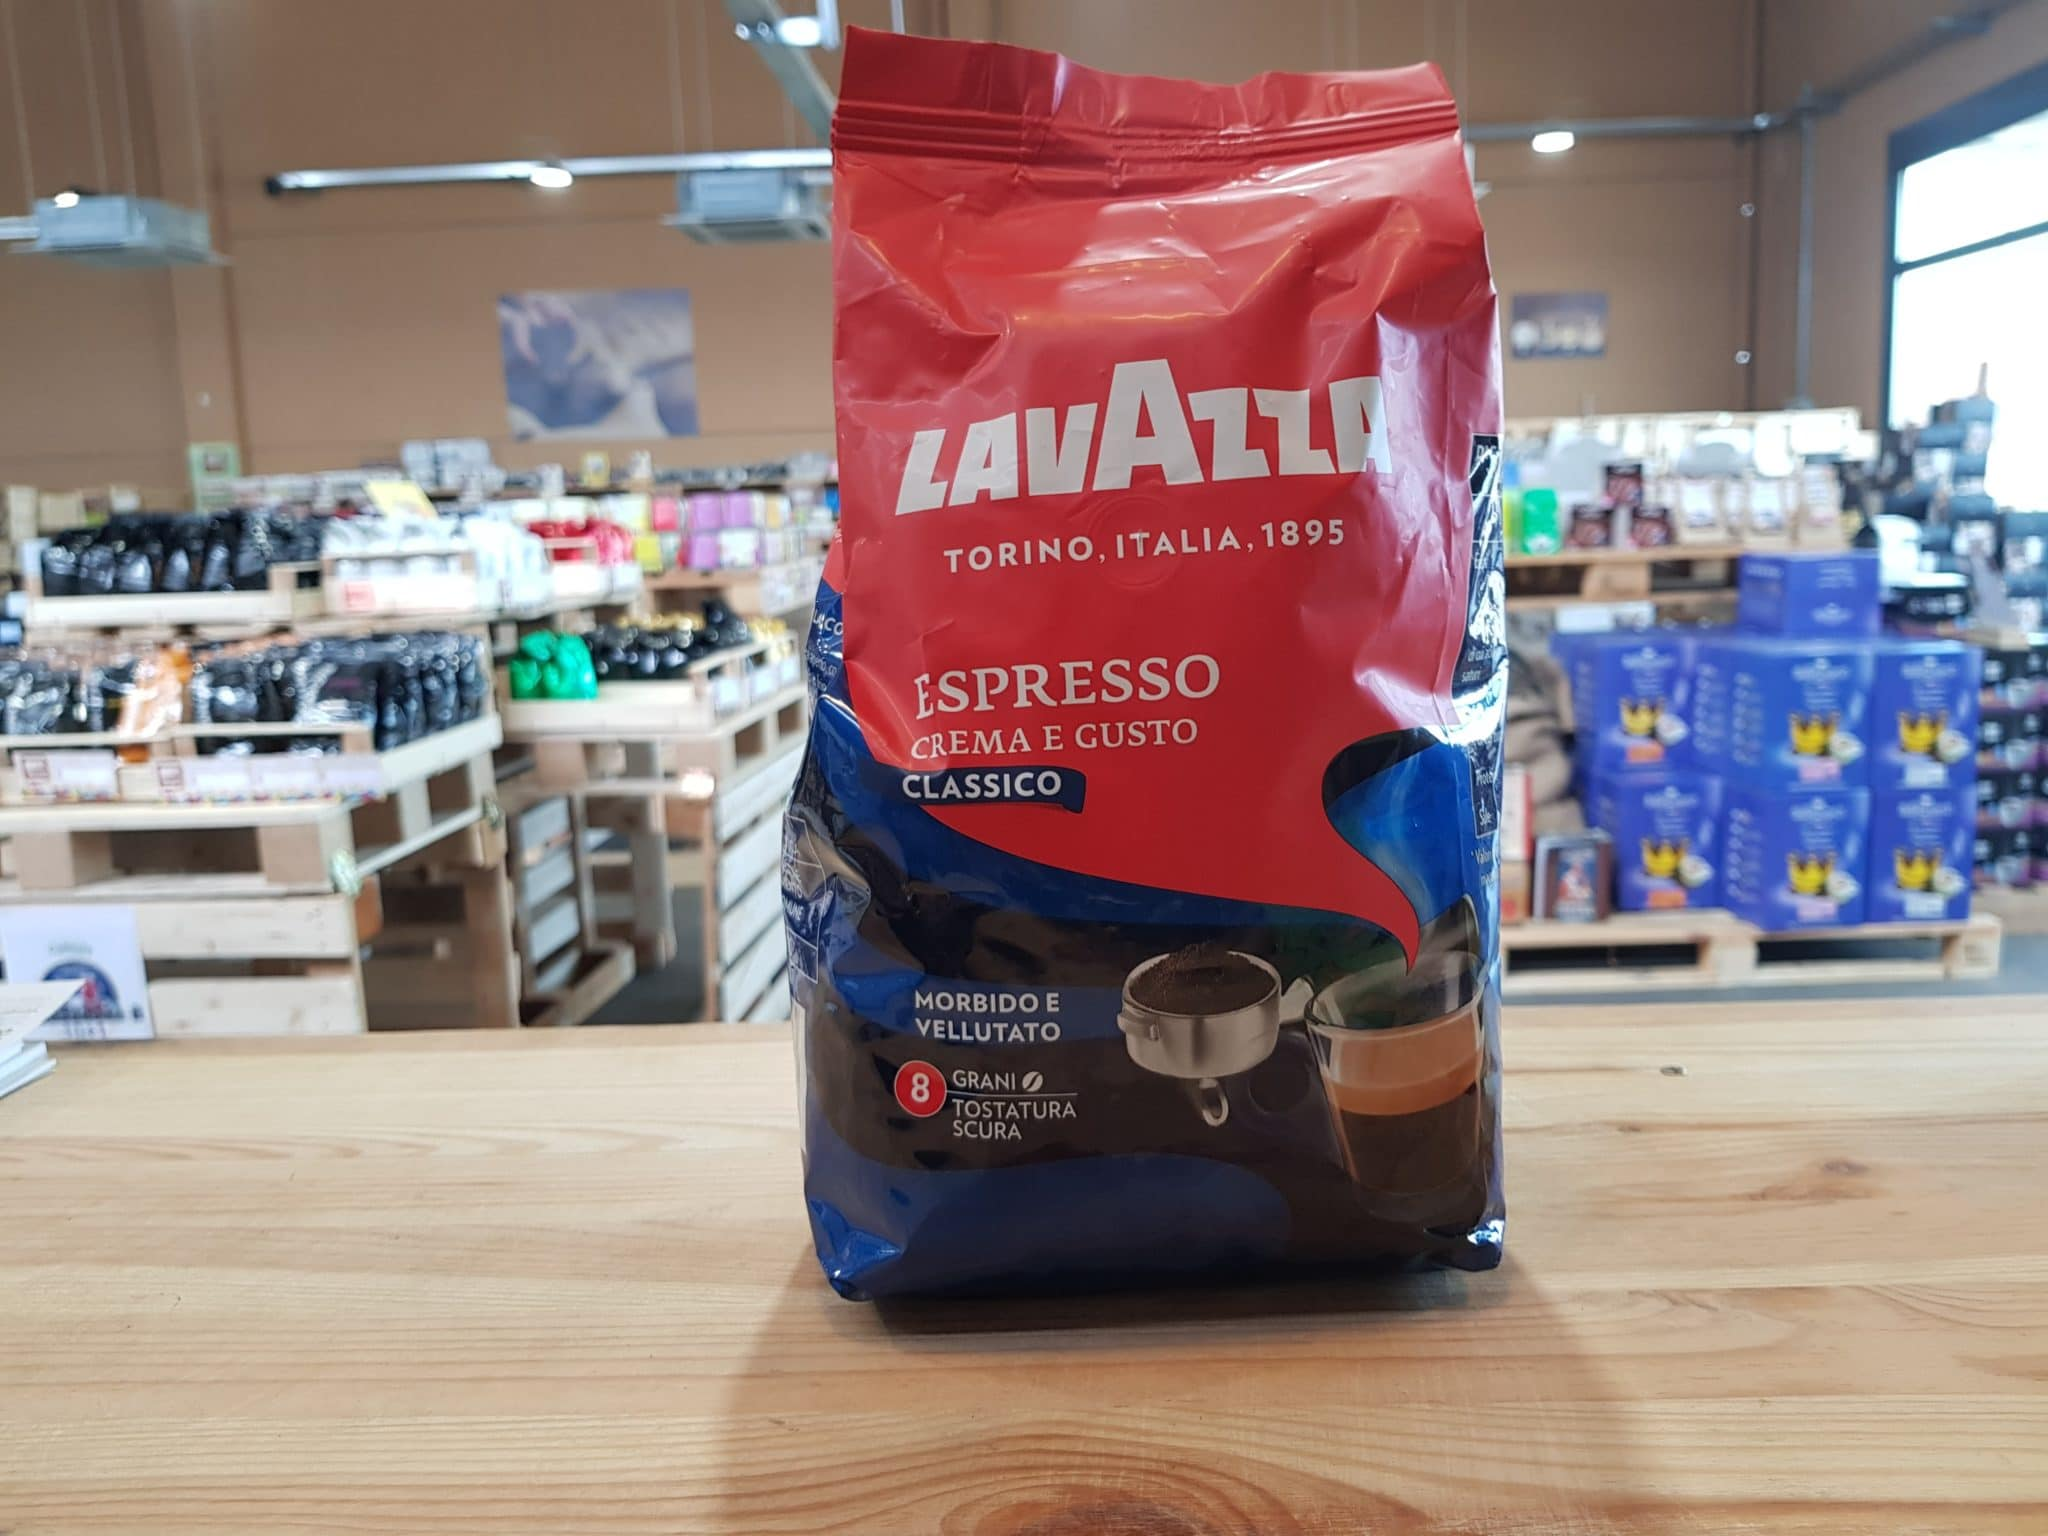 Recensione Lavazza - Espresso, Crema e Gusto in Grani